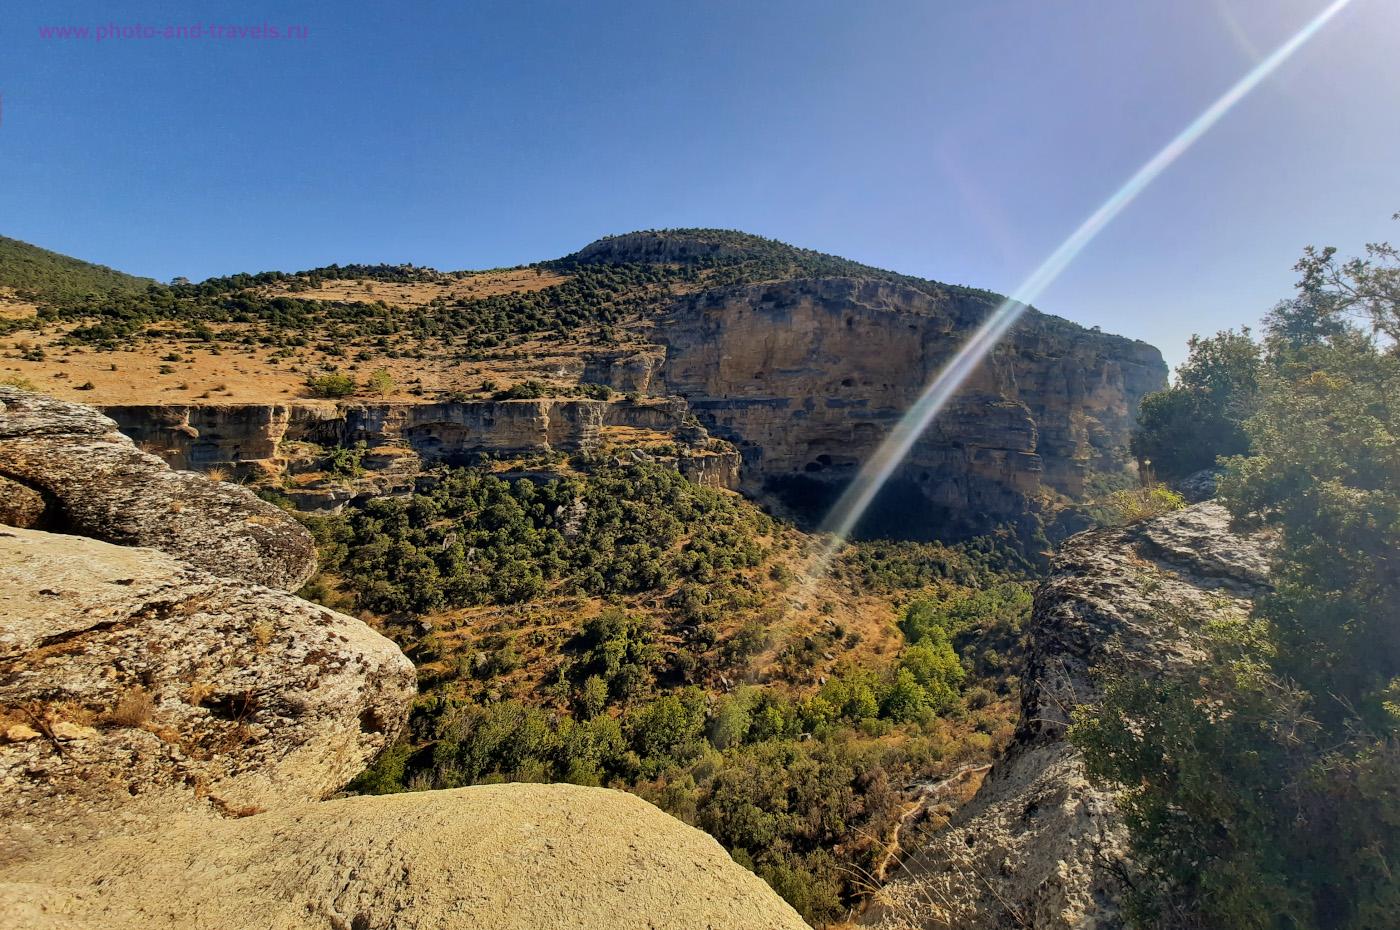 Фотография 3. Вид на каньон Сасон из «неправильной точки». Разыскиваем интересные места в провинции Мерсин для походов выходного дня. Отзывы о путешествии по Турции самостоятельно.